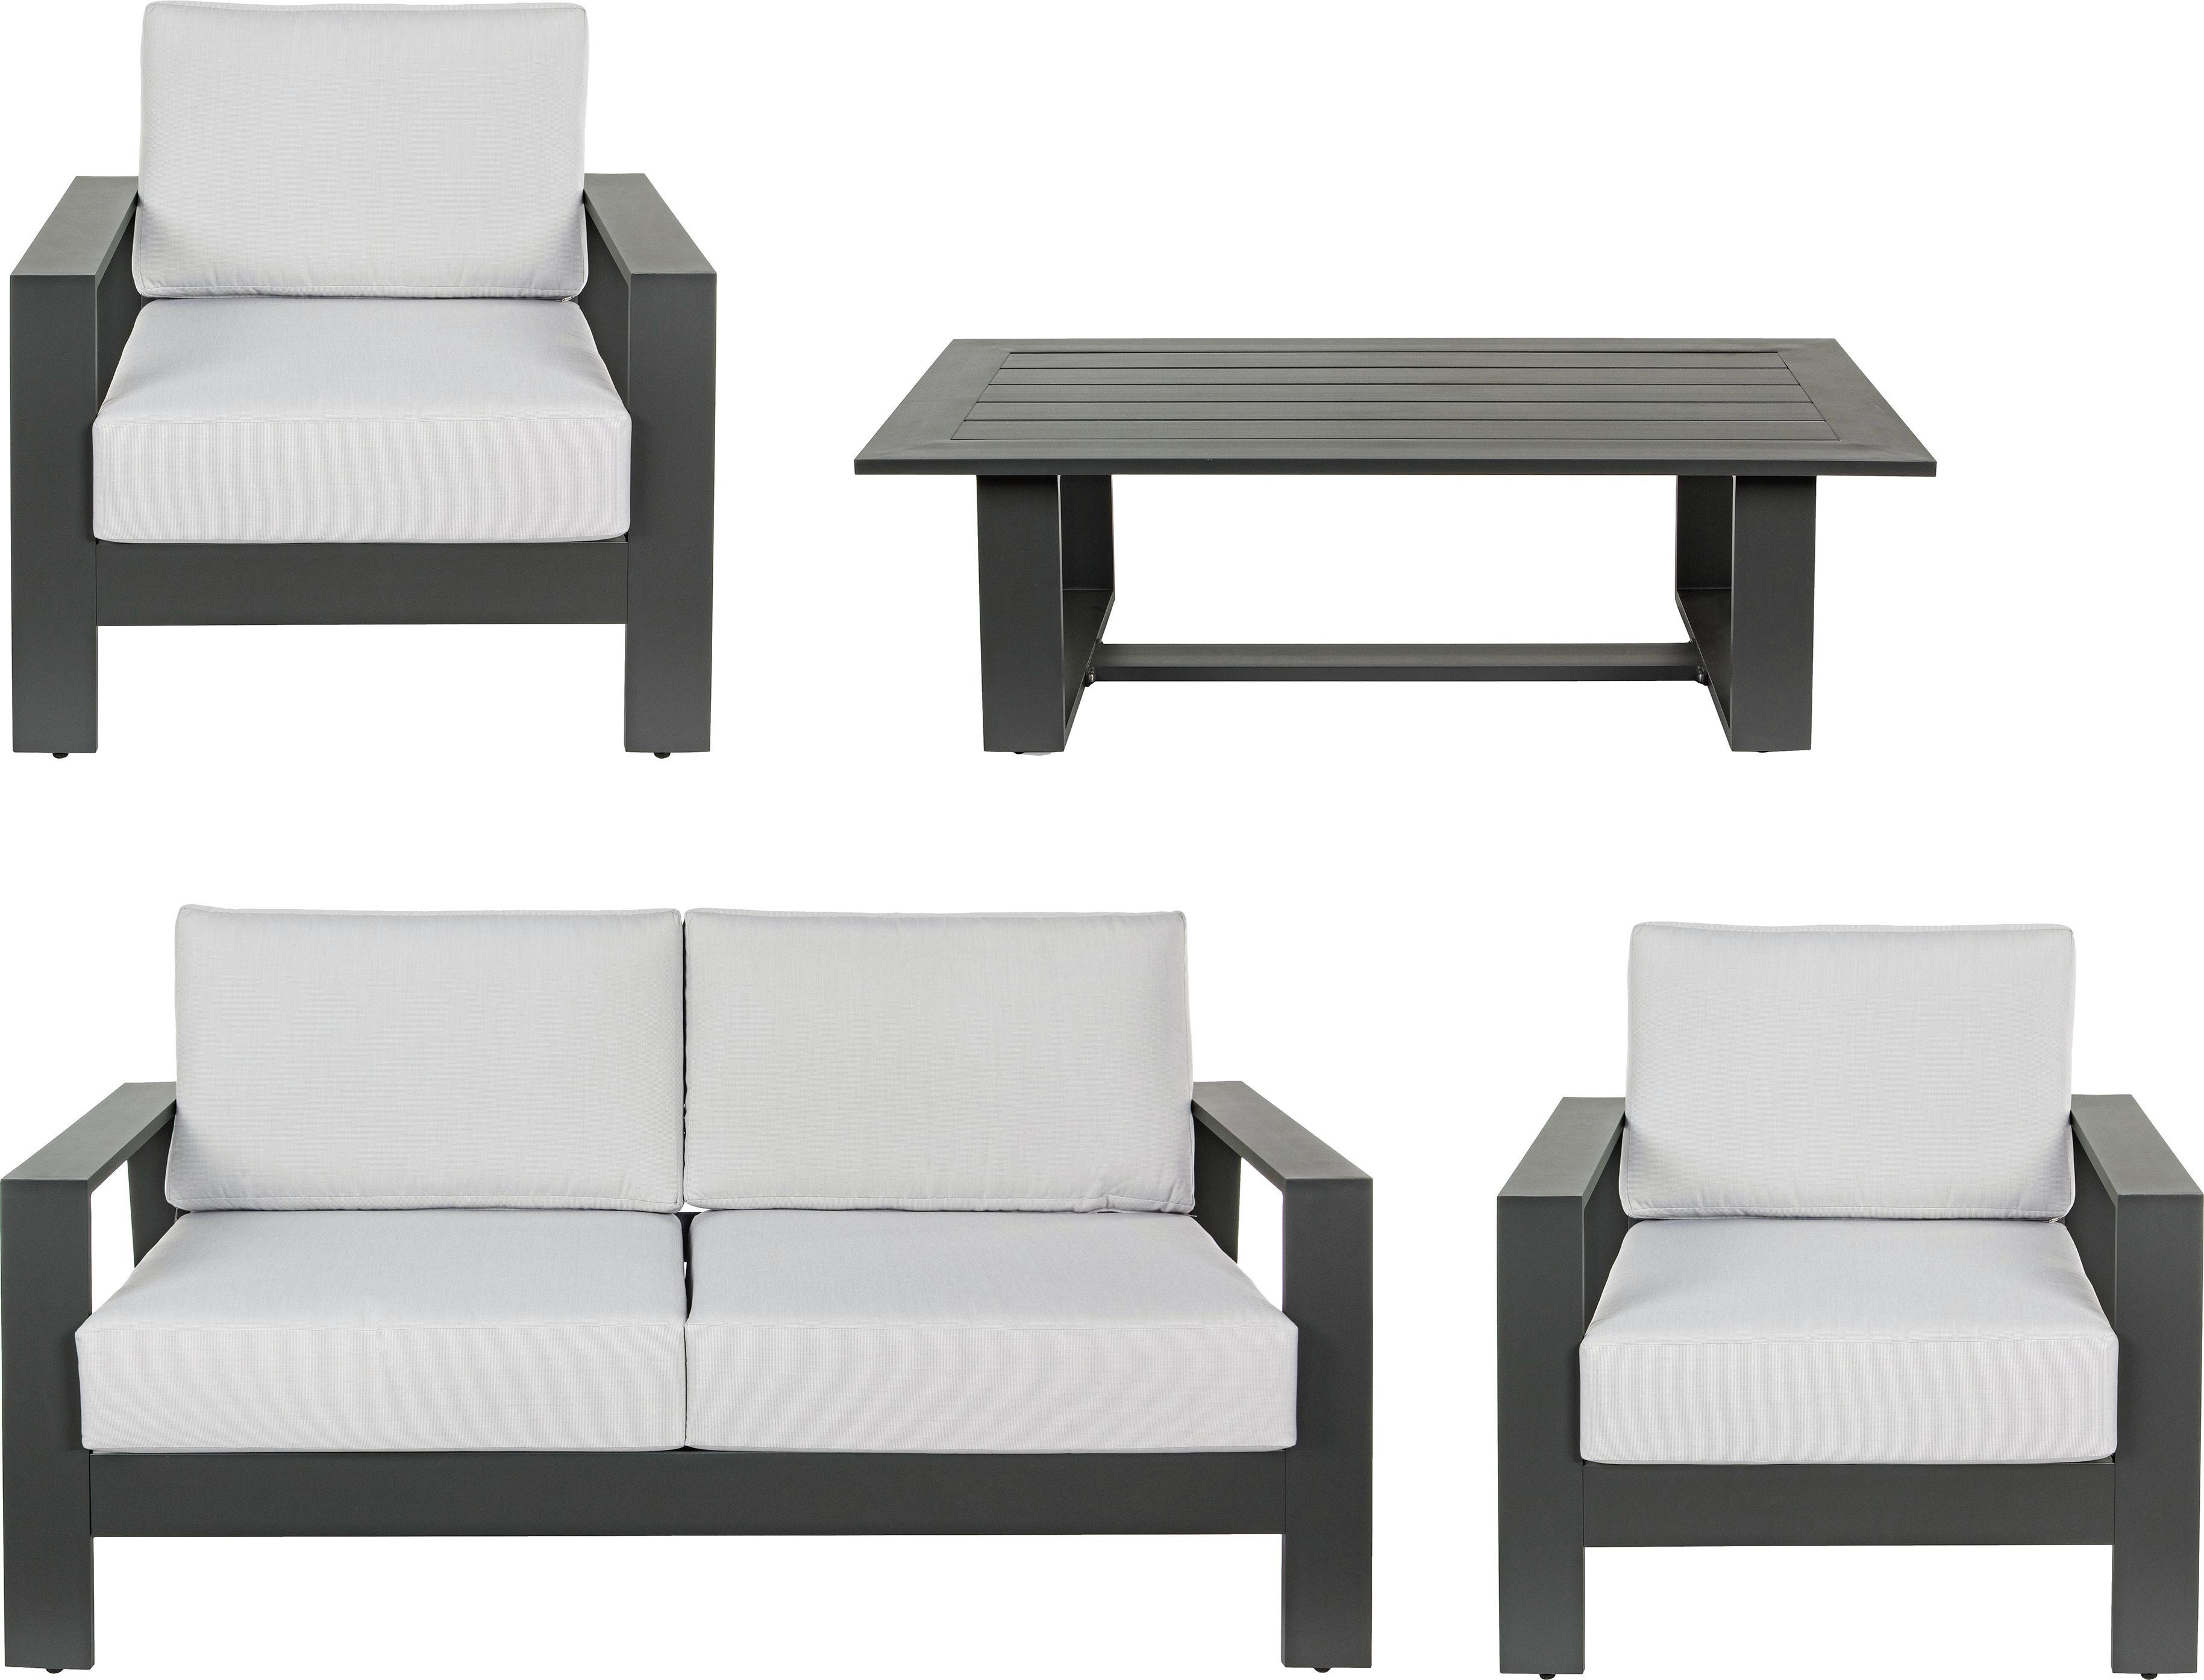 Salotto da giardino Atlantic 4 pz, Struttura: alluminio verniciato a po, Rivestimento: poliestere, Antracite, grigio chiaro, Diverse dimensioni